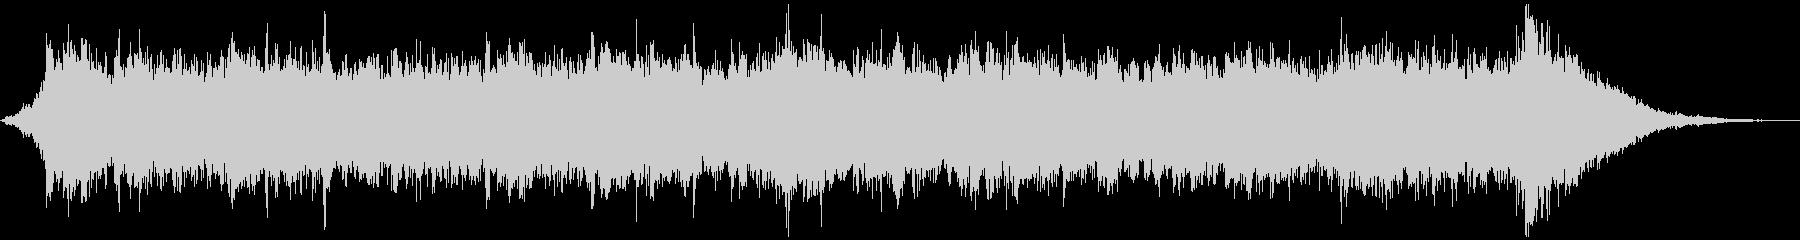 クラシック 交響曲 コーポレート ...の未再生の波形